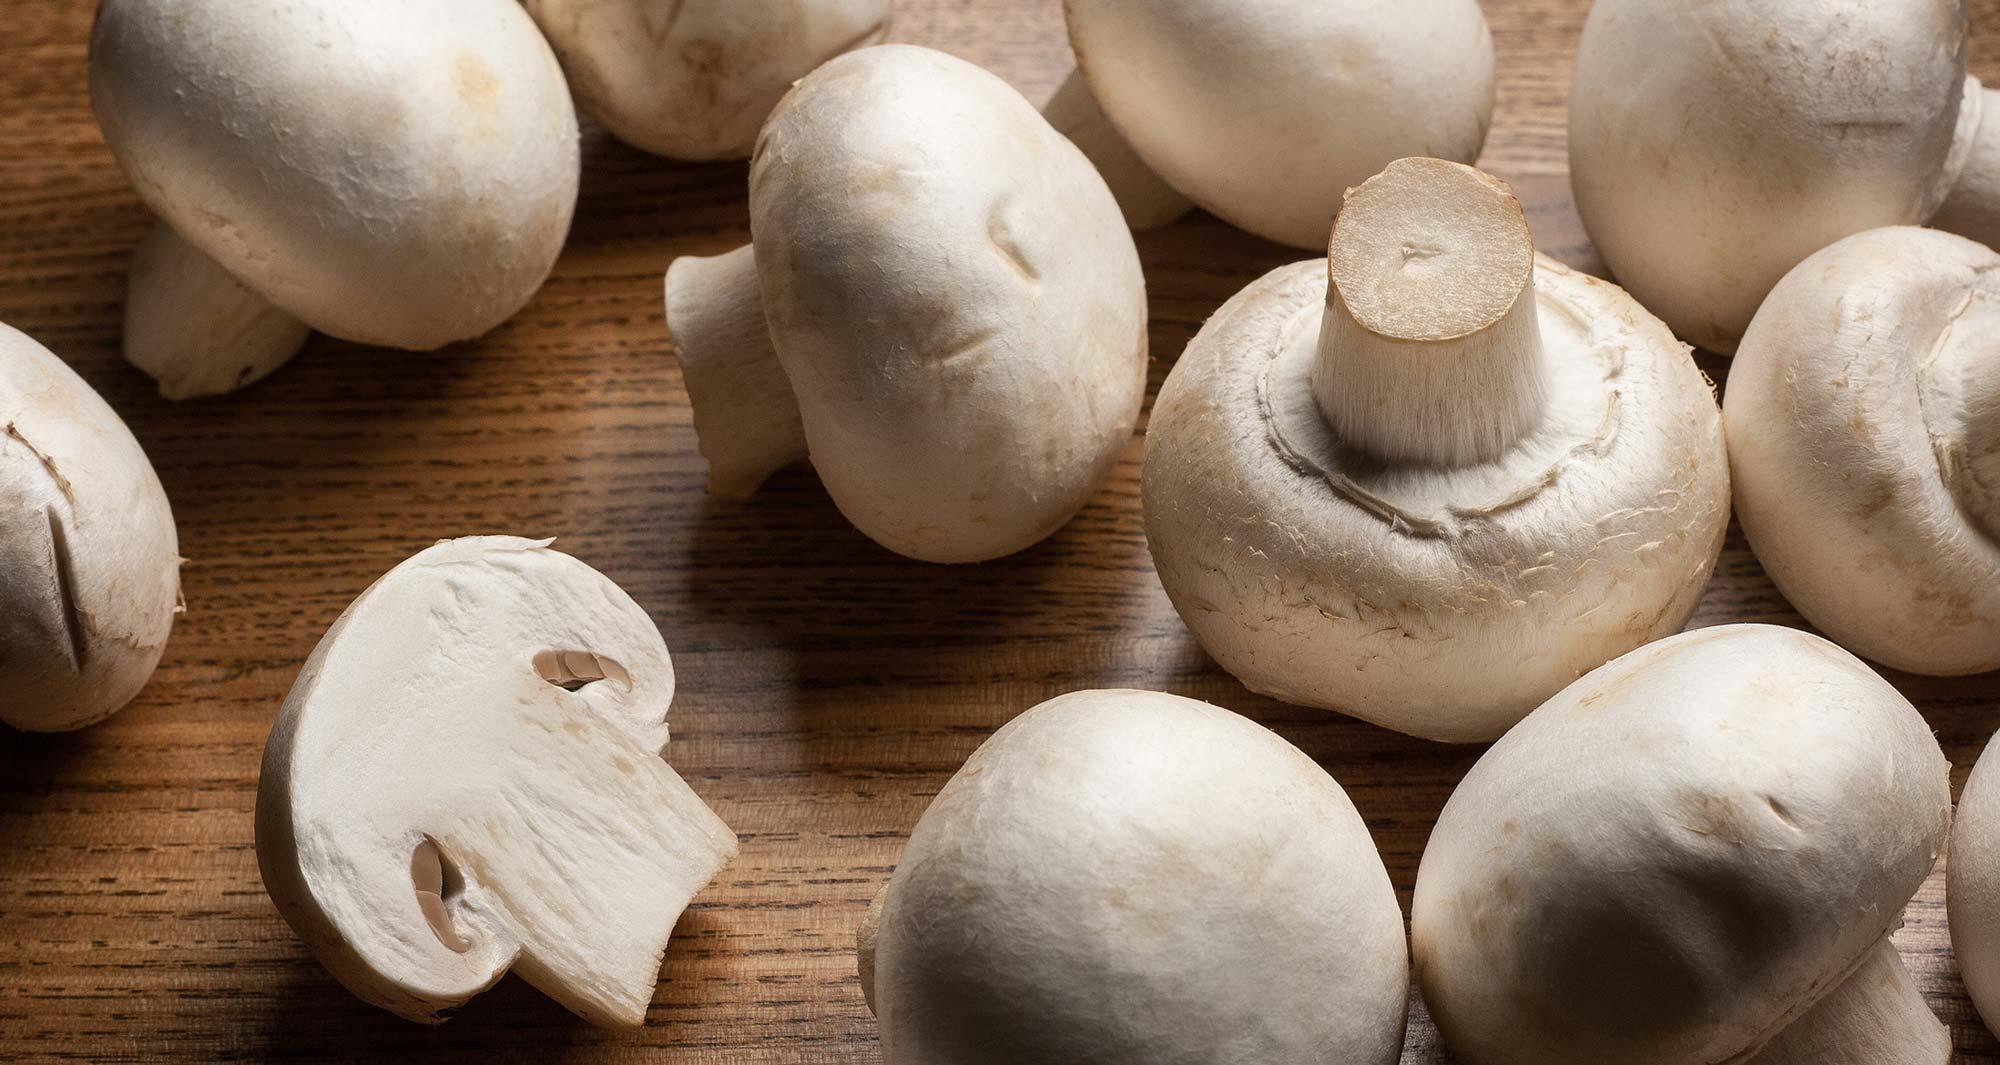 ۵ خوراکی که واکنشهای التهابی بدن را از بین میبرد